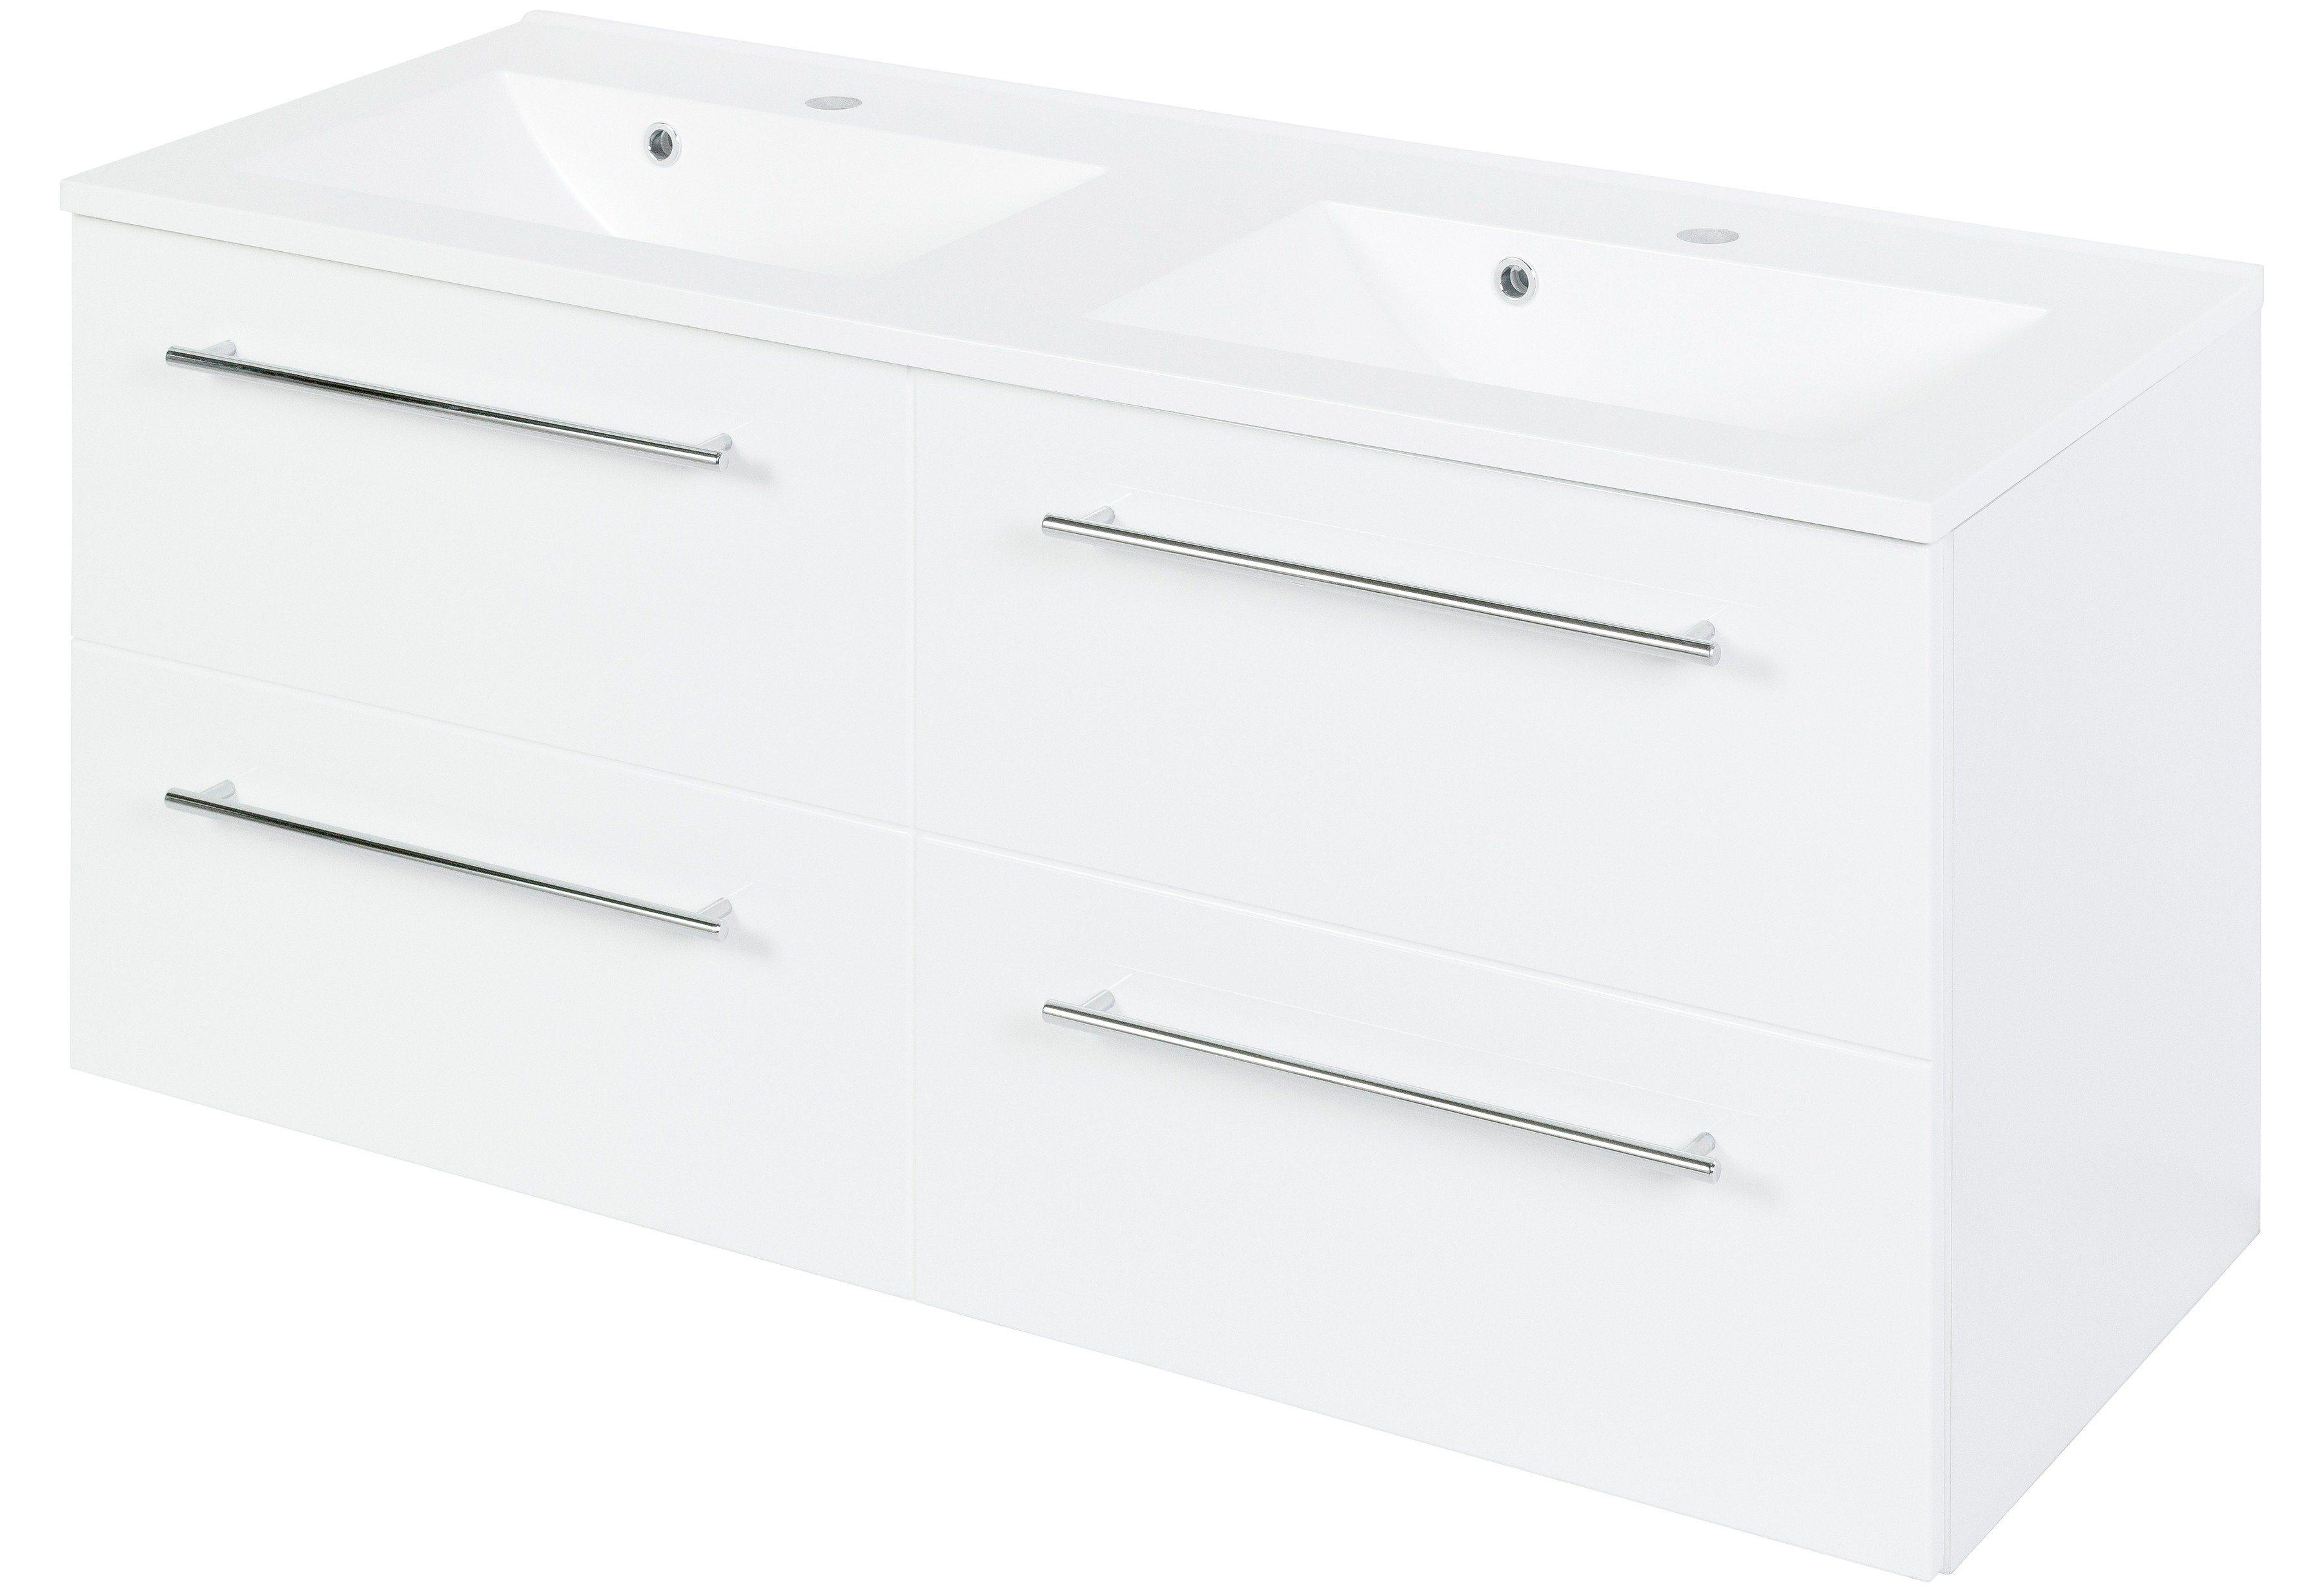 HELD MÖBEL Waschtisch »Prato«, Doppelwaschbecken & Doppelwaschtisch Breite 120 cm, (2-tlg.) | Bad > Badmöbel > Badmöbel-Sets | HELD MÖBEL